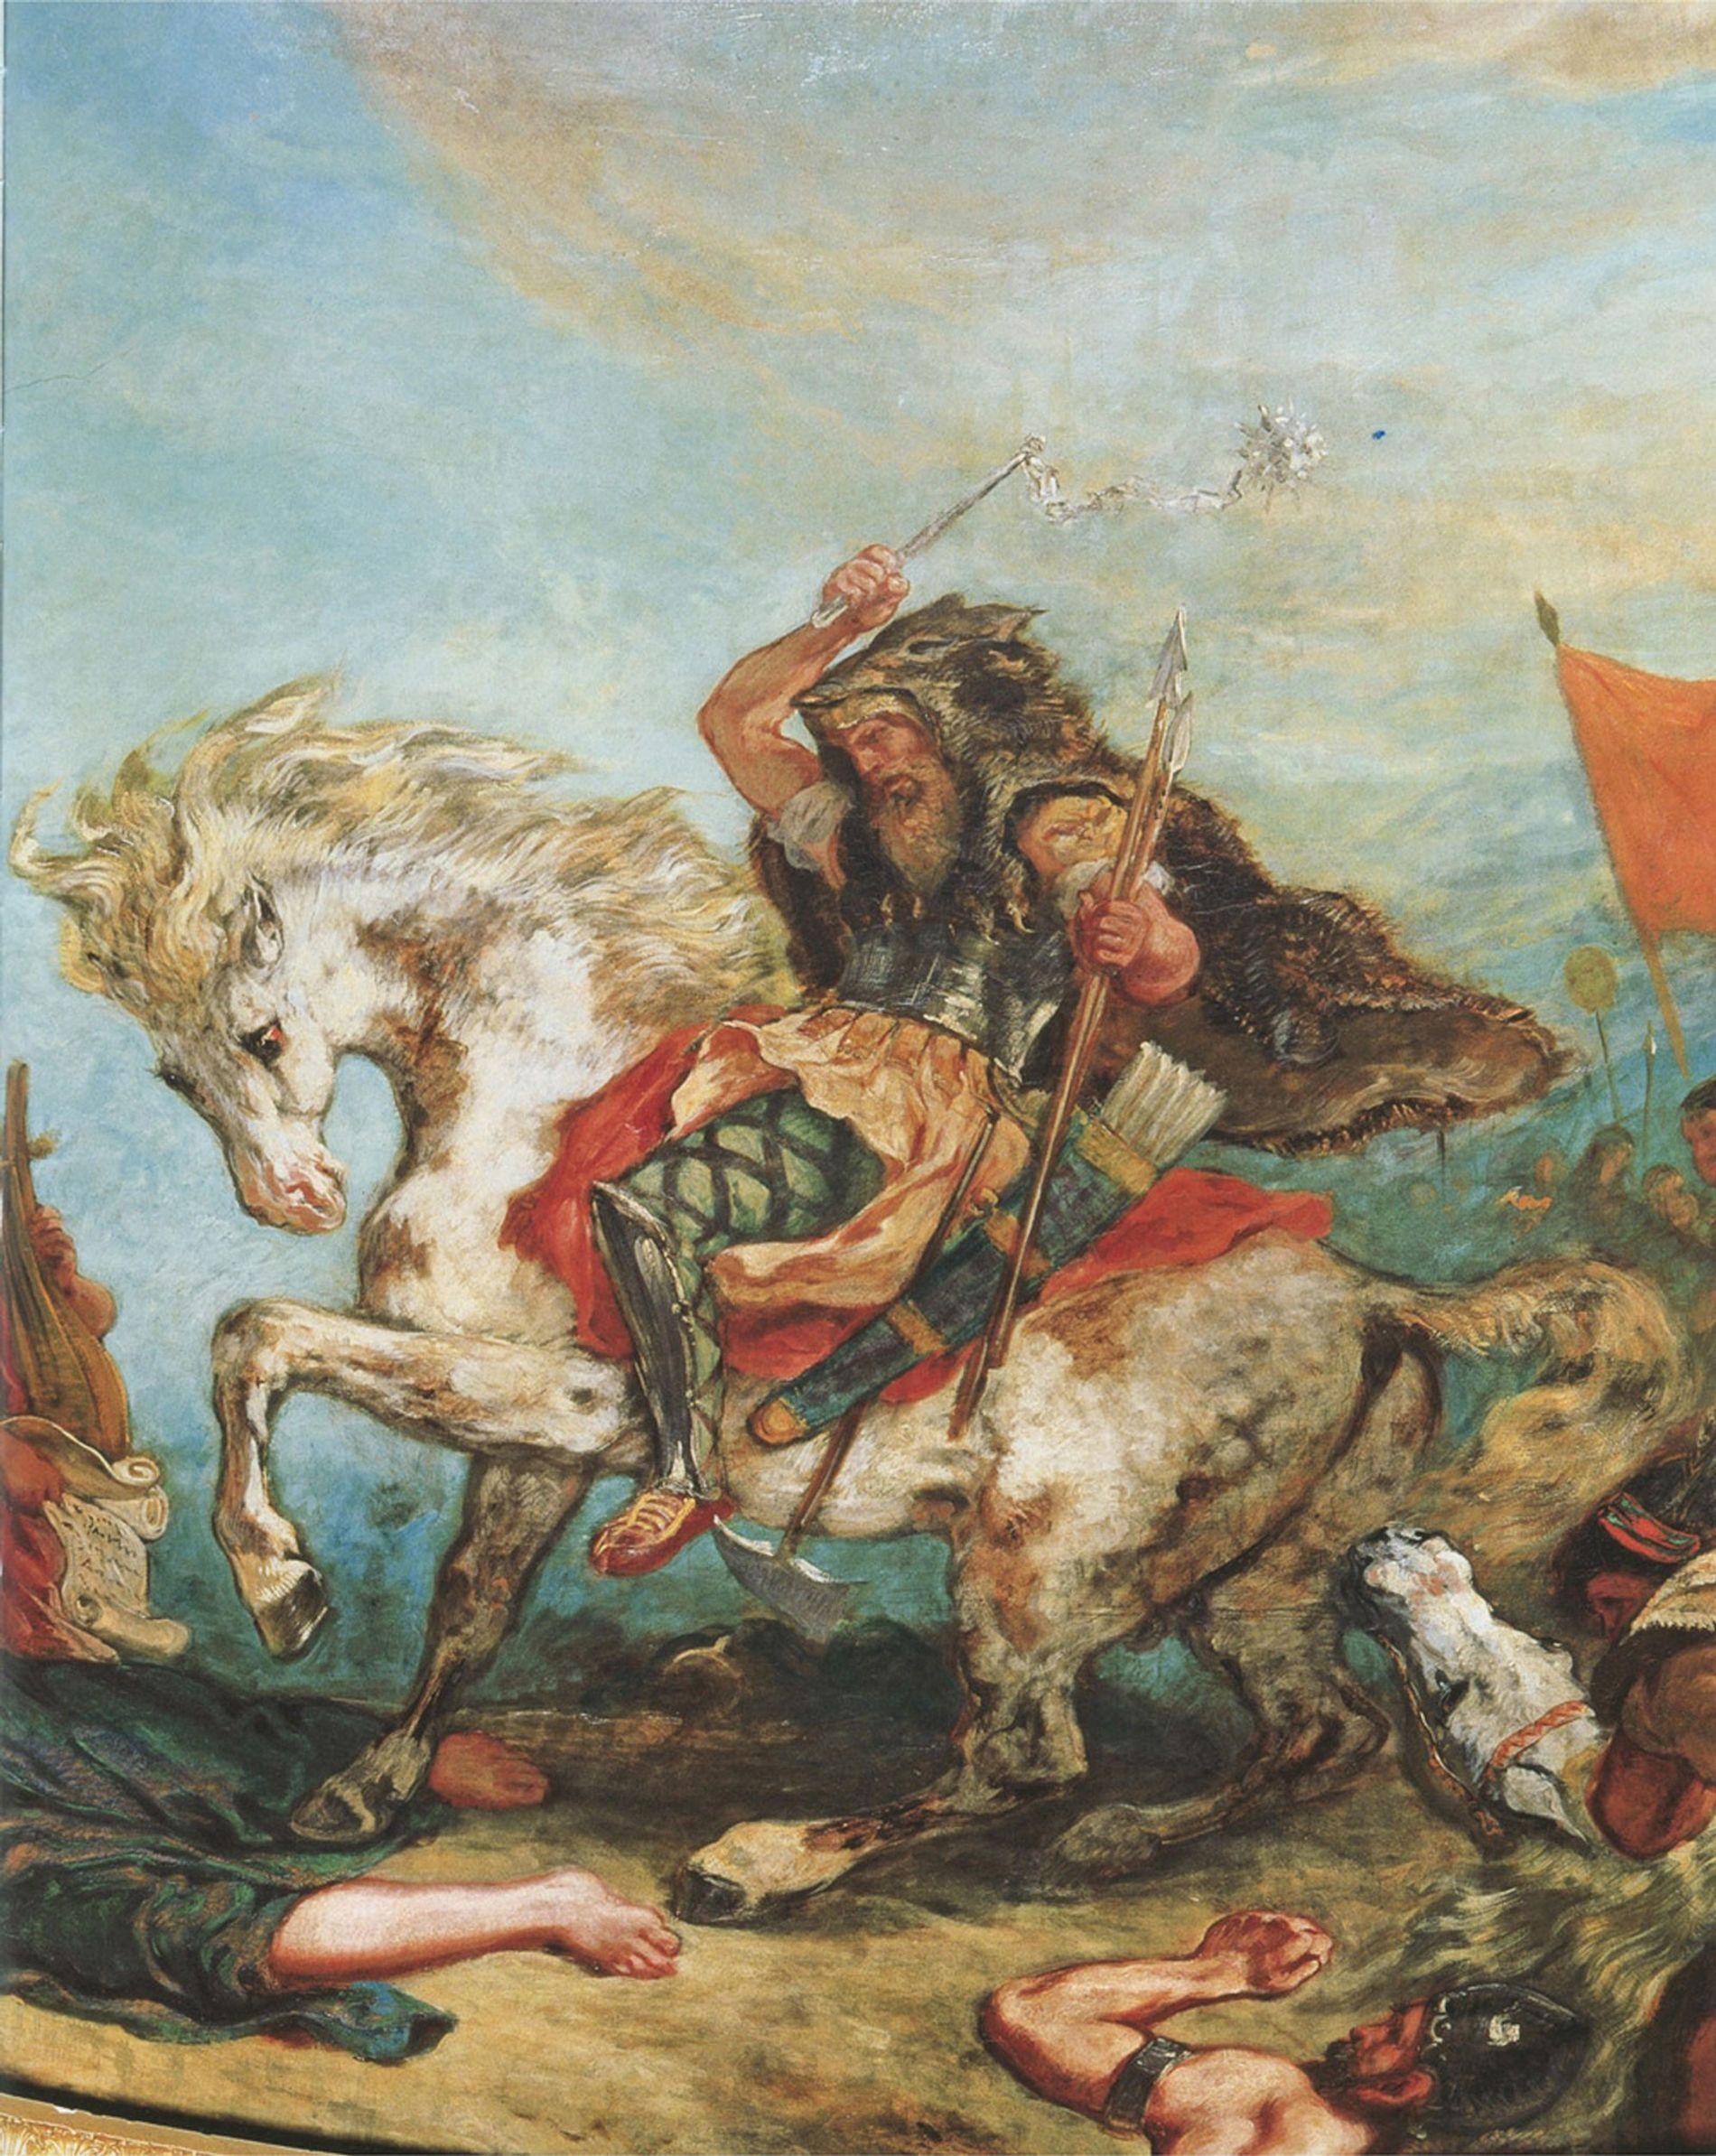 Átila, o Huno, e a sua horda em combate, num quadro do artista francês Eugene Delacroix.